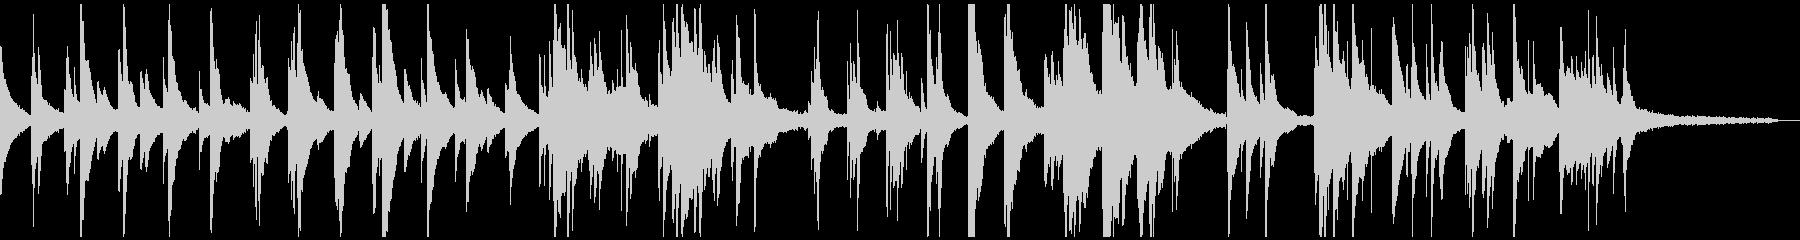 切なく感傷的なピアノソロ-リバーブ有の未再生の波形